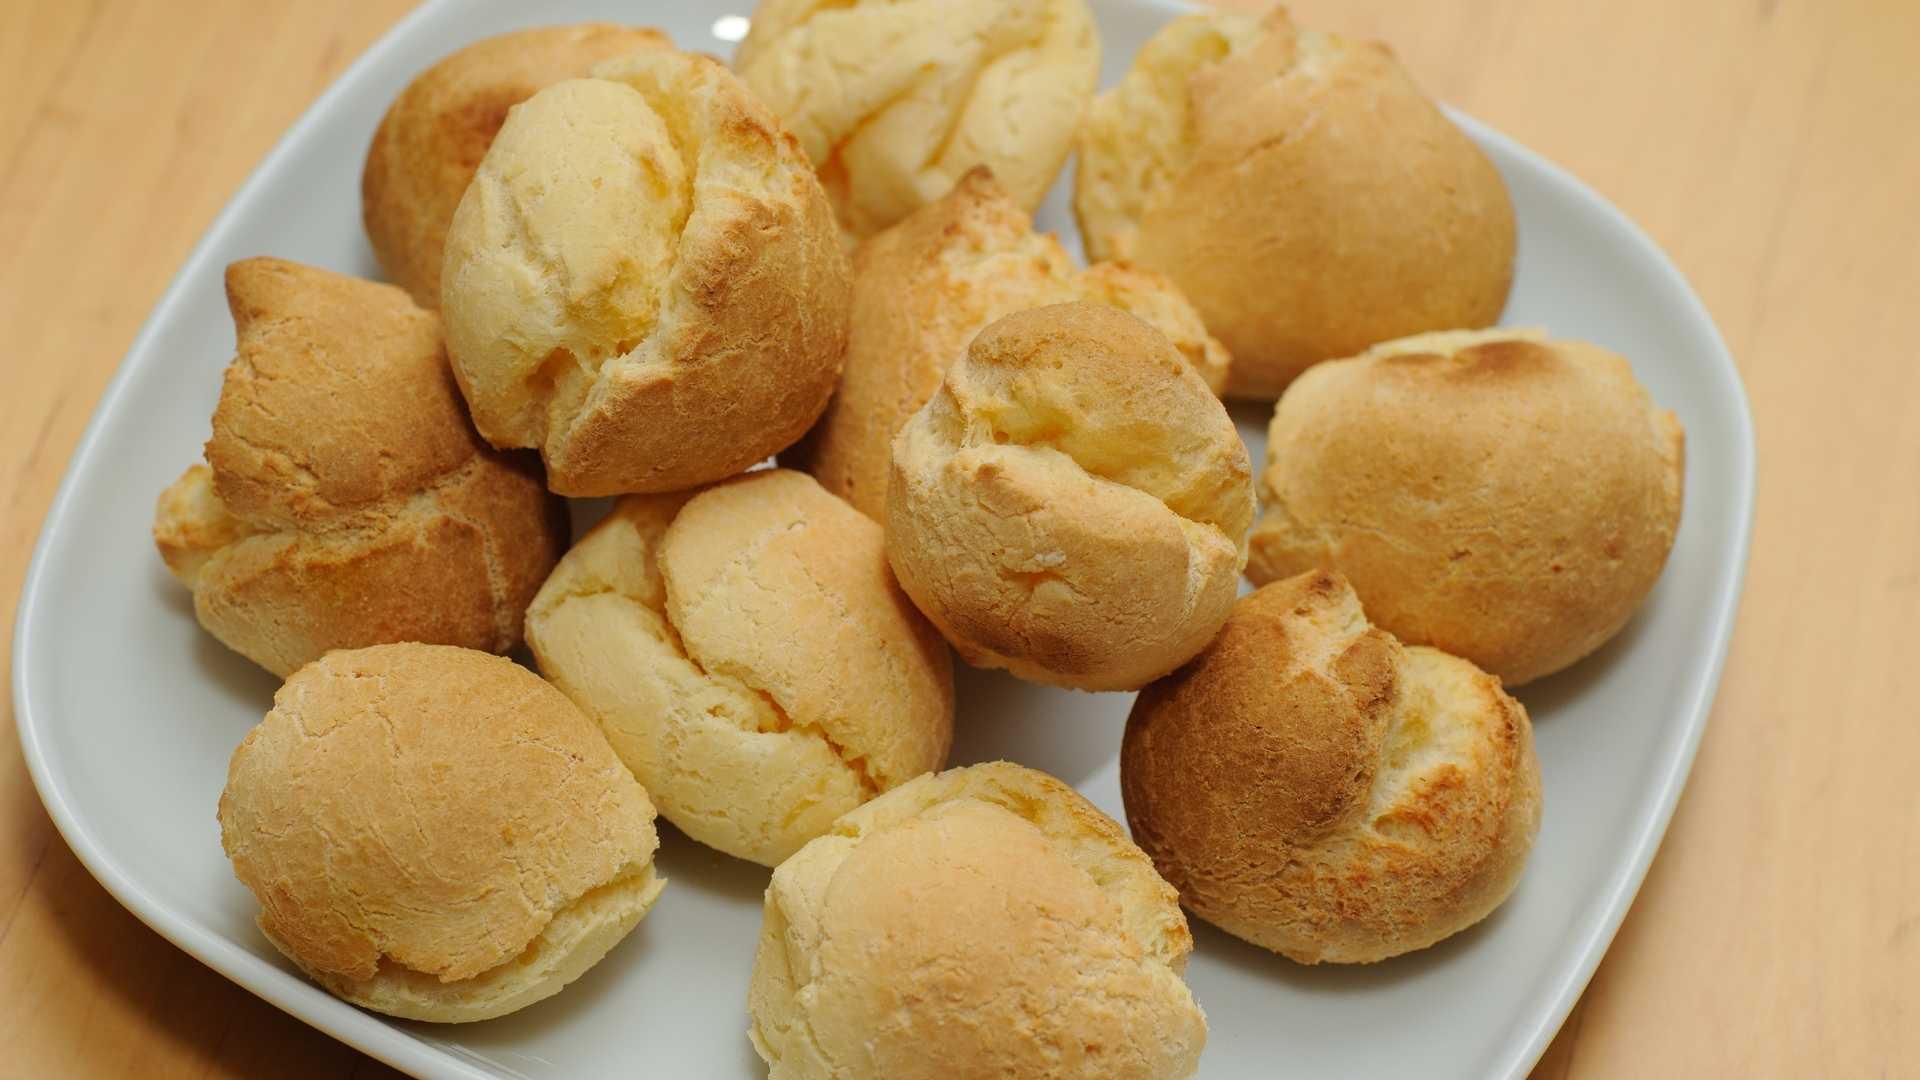 Receitas saudáveis - Pão de mandioquinha